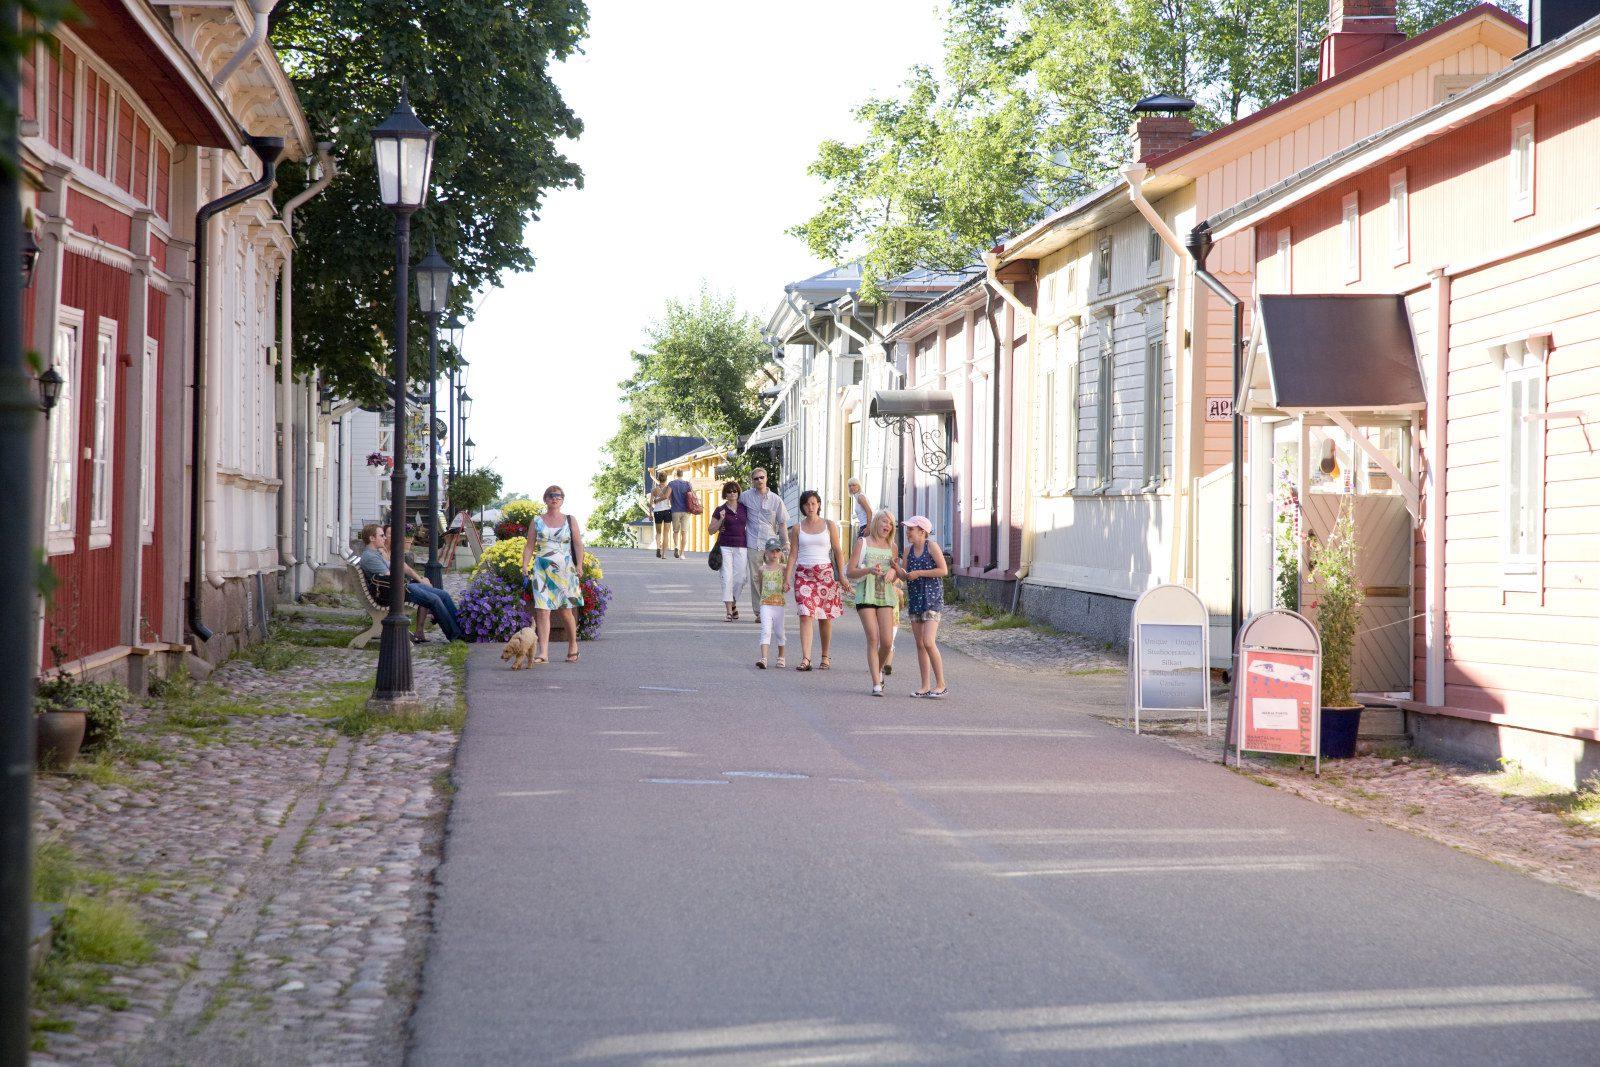 Naantalin Mannerheiminkatu kesällä, ihmisiä kävelee asfalttia pitkin, puutalot reunustavat katua, puita ja poutaista taivasta taustalla.